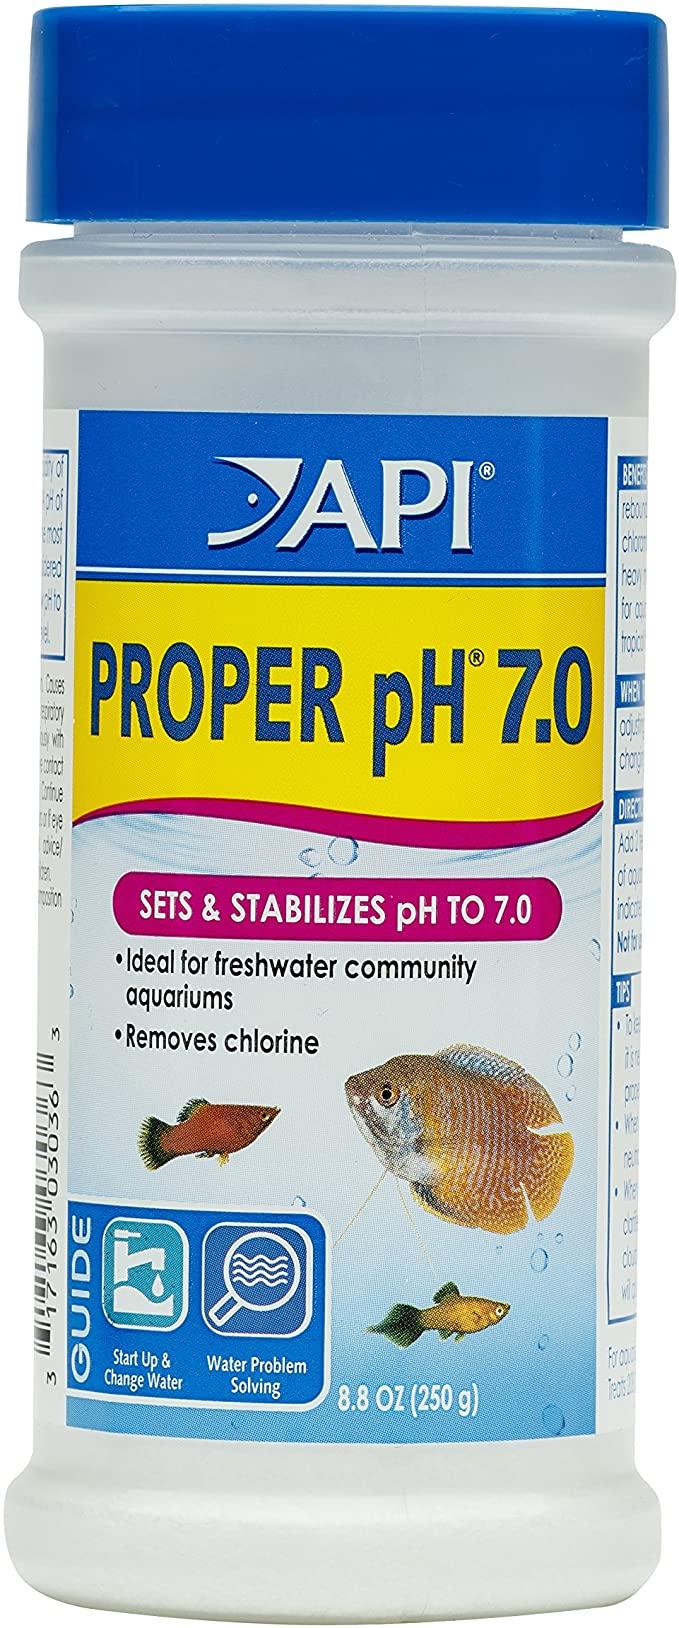 API 36C product image 11